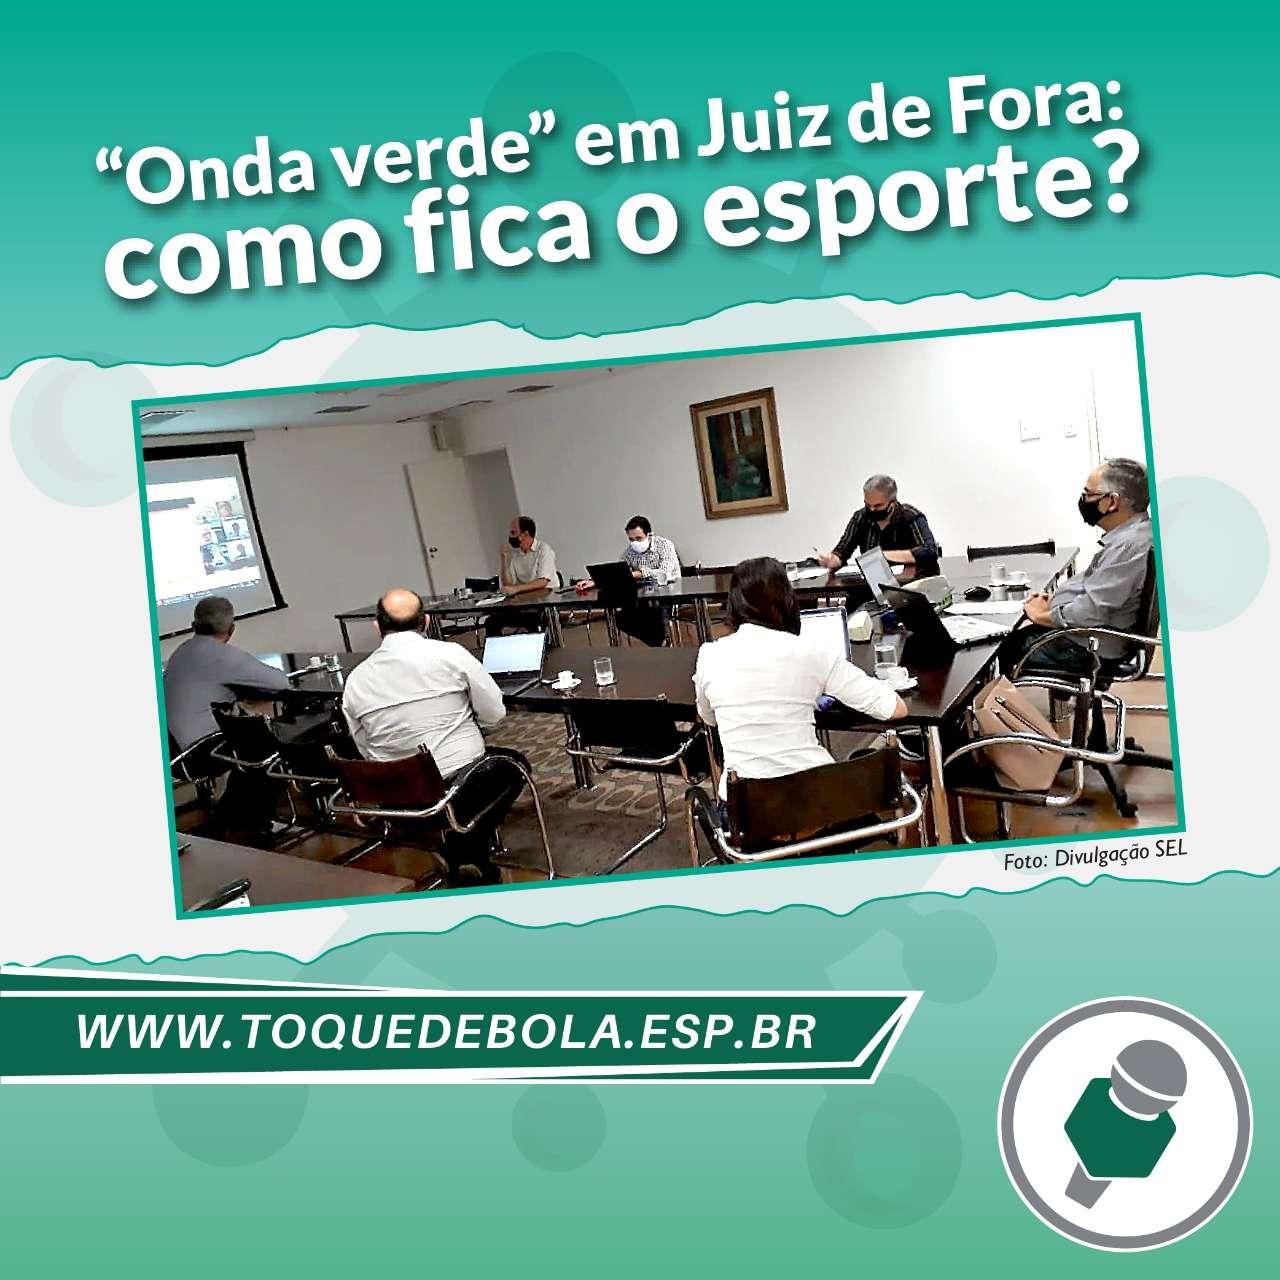 """Read more about the article """"Onda Verde"""": veja o que muda no cenário do esporte em Juiz de Fora!"""